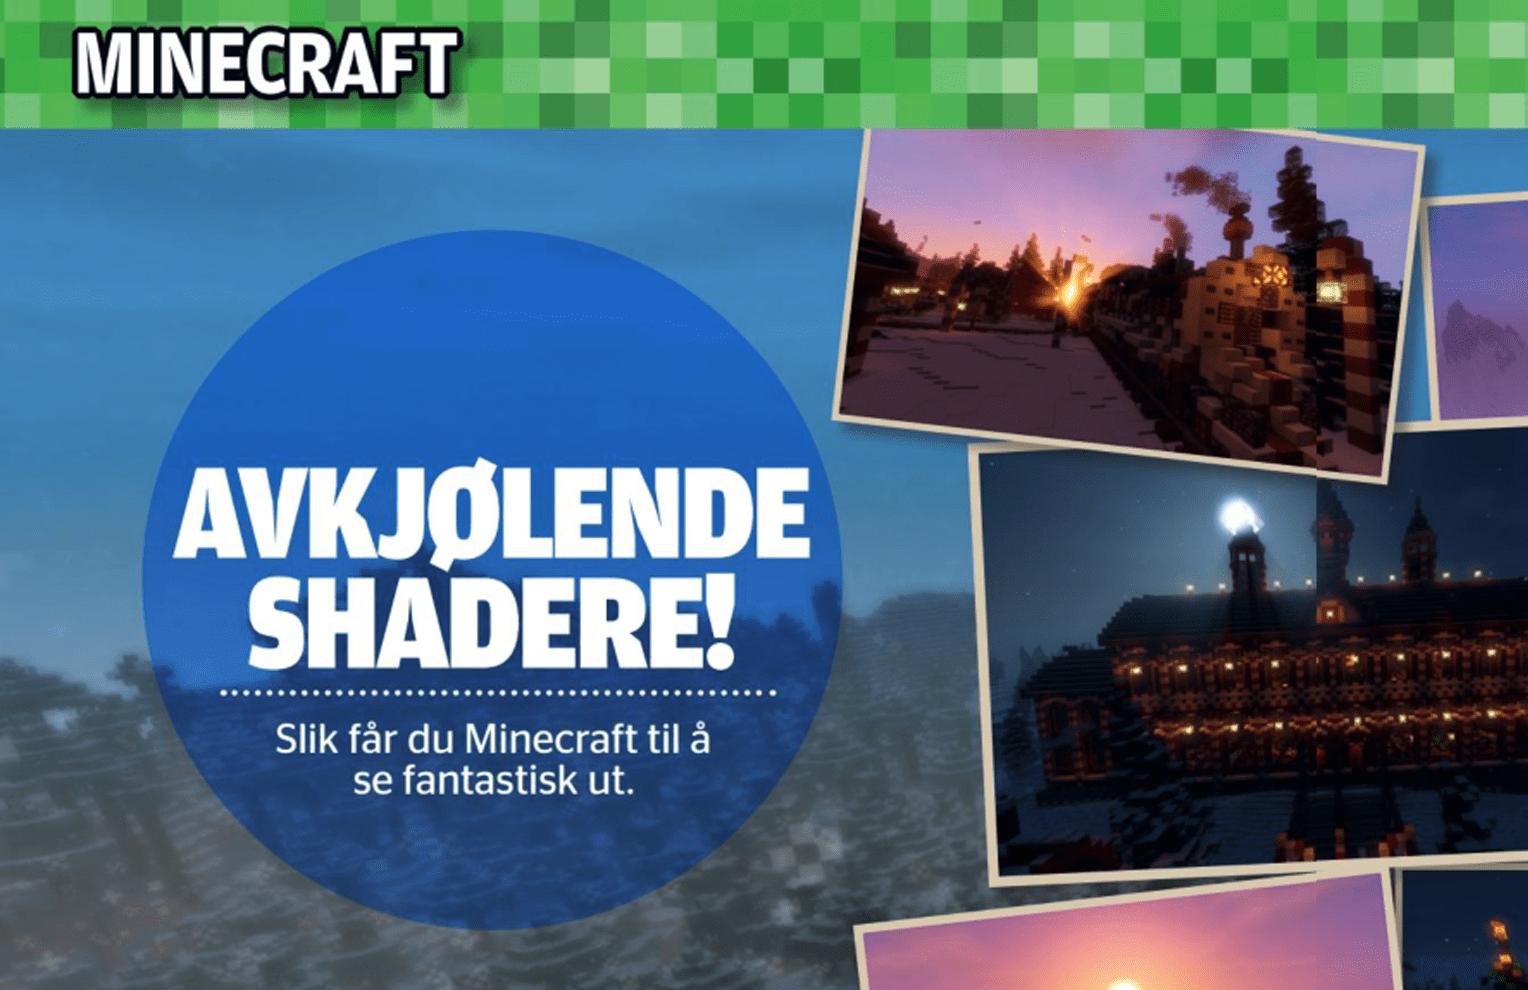 Minecraft: avkjølende shadere, oppslag